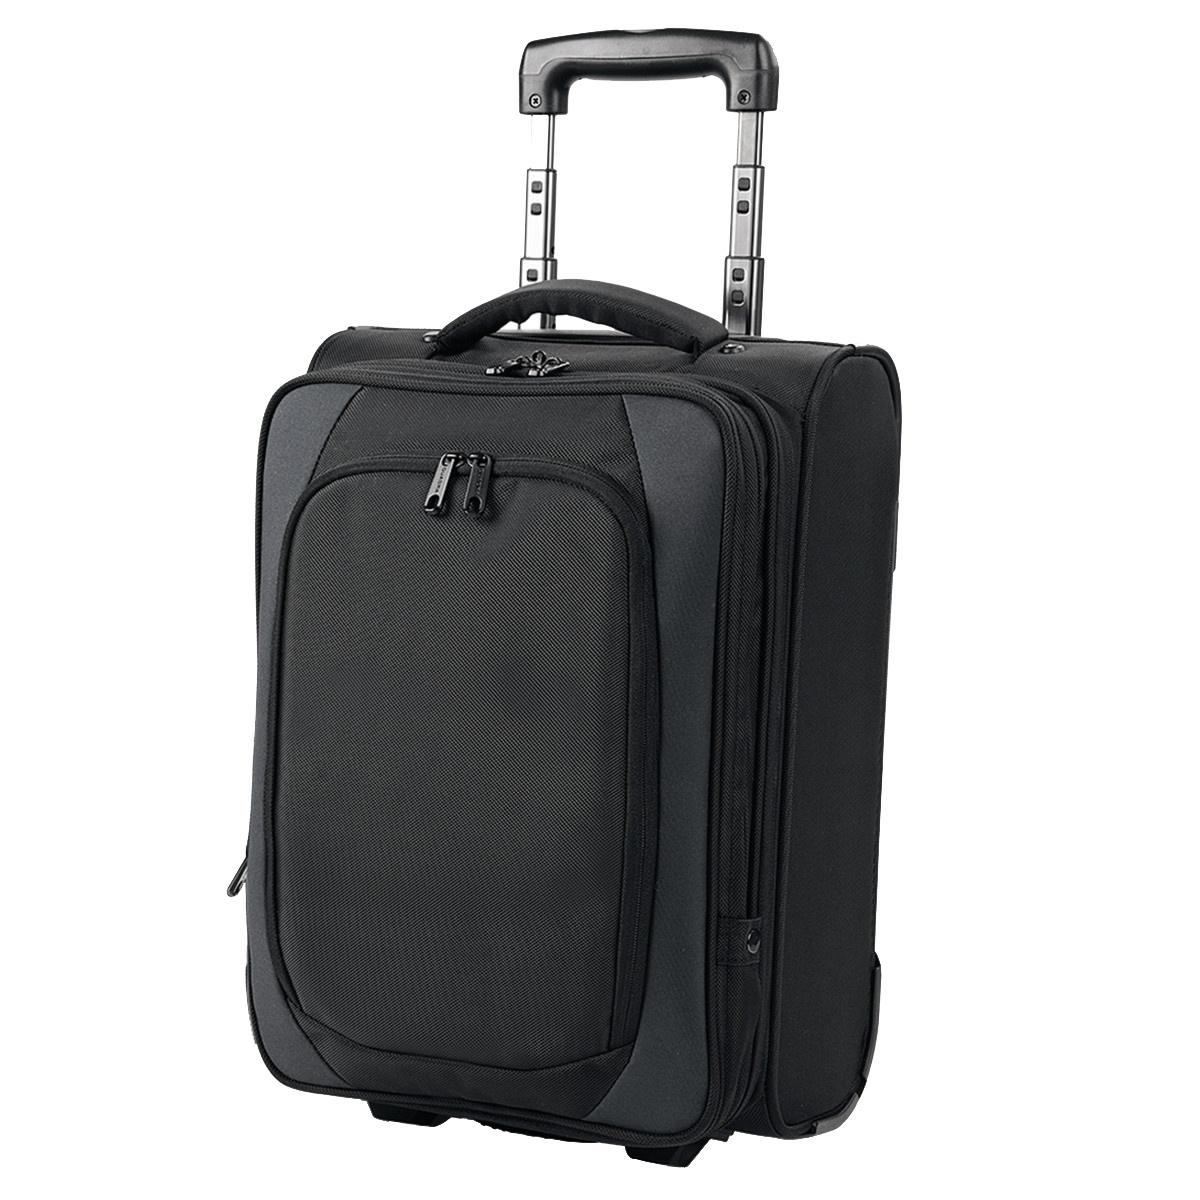 (クオドラ) Quadra Tungsten Tungsten ウィーリー ラップトップ ラップトップ ウィーリー 機内持ち込み可能 トラベルバッグ スーツケース 旅行鞄【海外直送】, 美浜区:da411ddc --- sunward.msk.ru